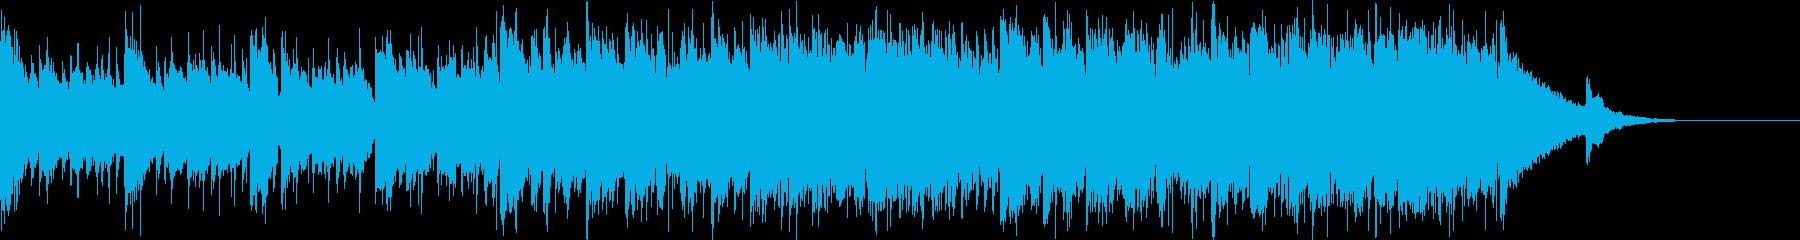 Pf「打診」和風現代ジャズの再生済みの波形